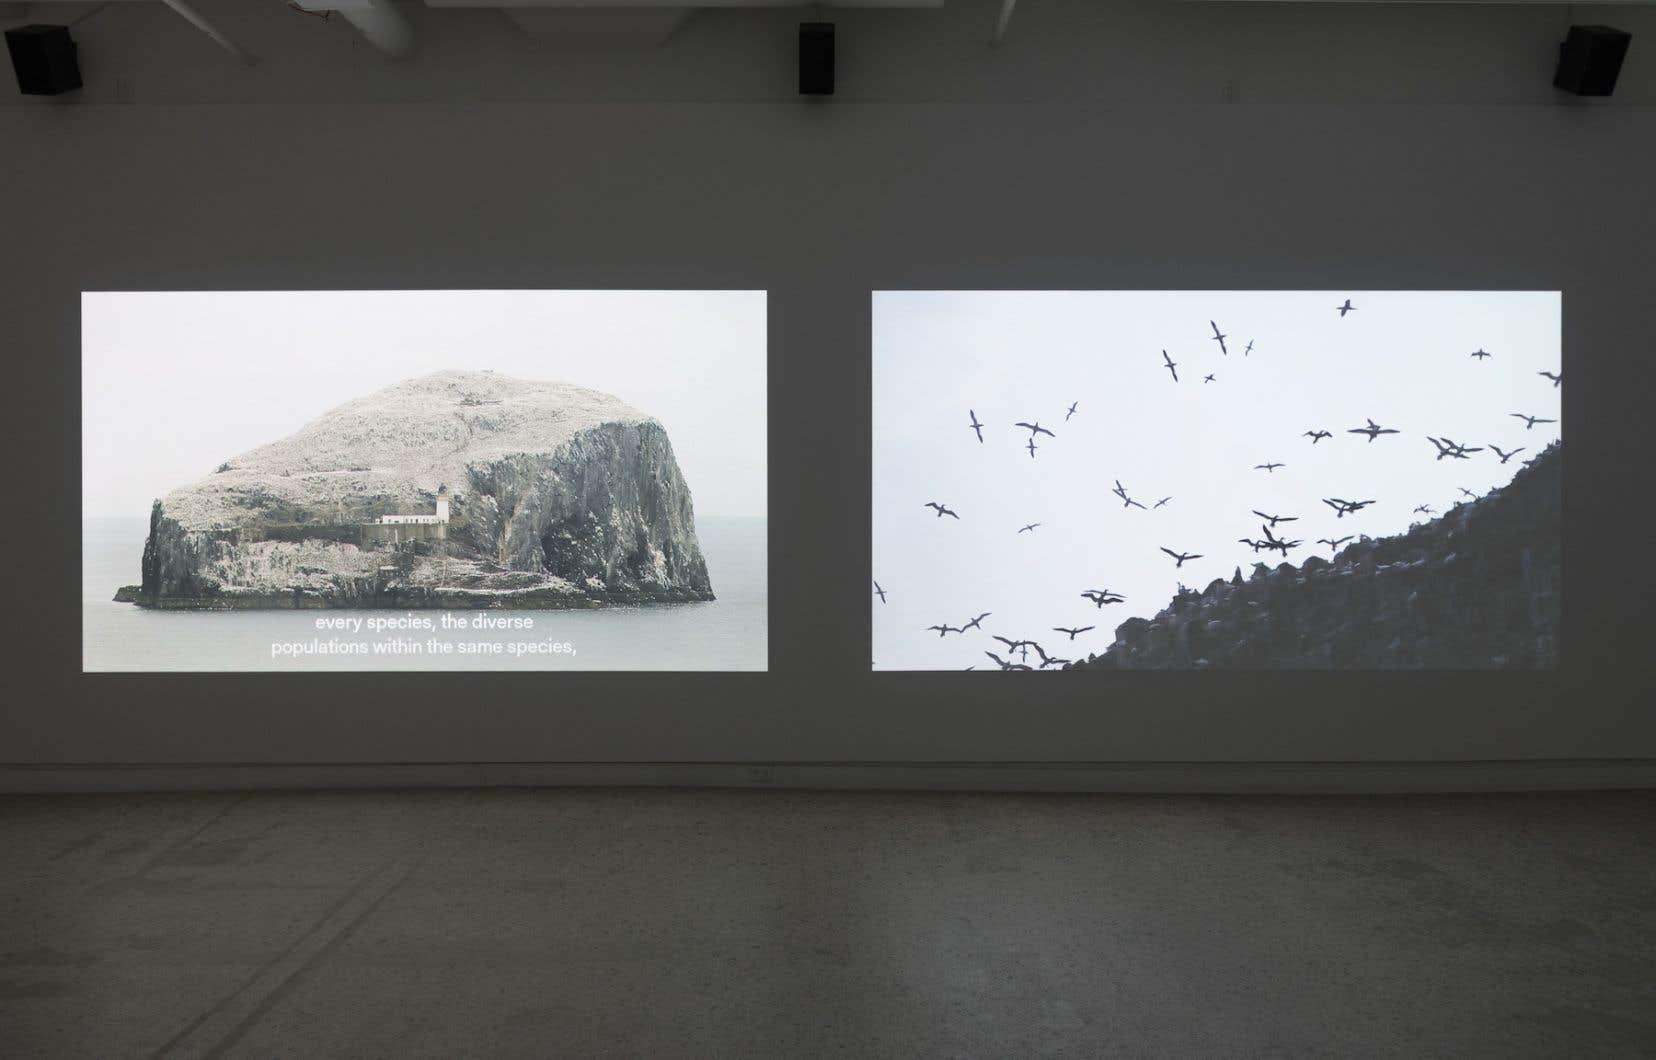 Vue de l'installation vidéo <em>Bord d'attaque/Bord de fuite</em>, 2018, deGeneviève Chevalier